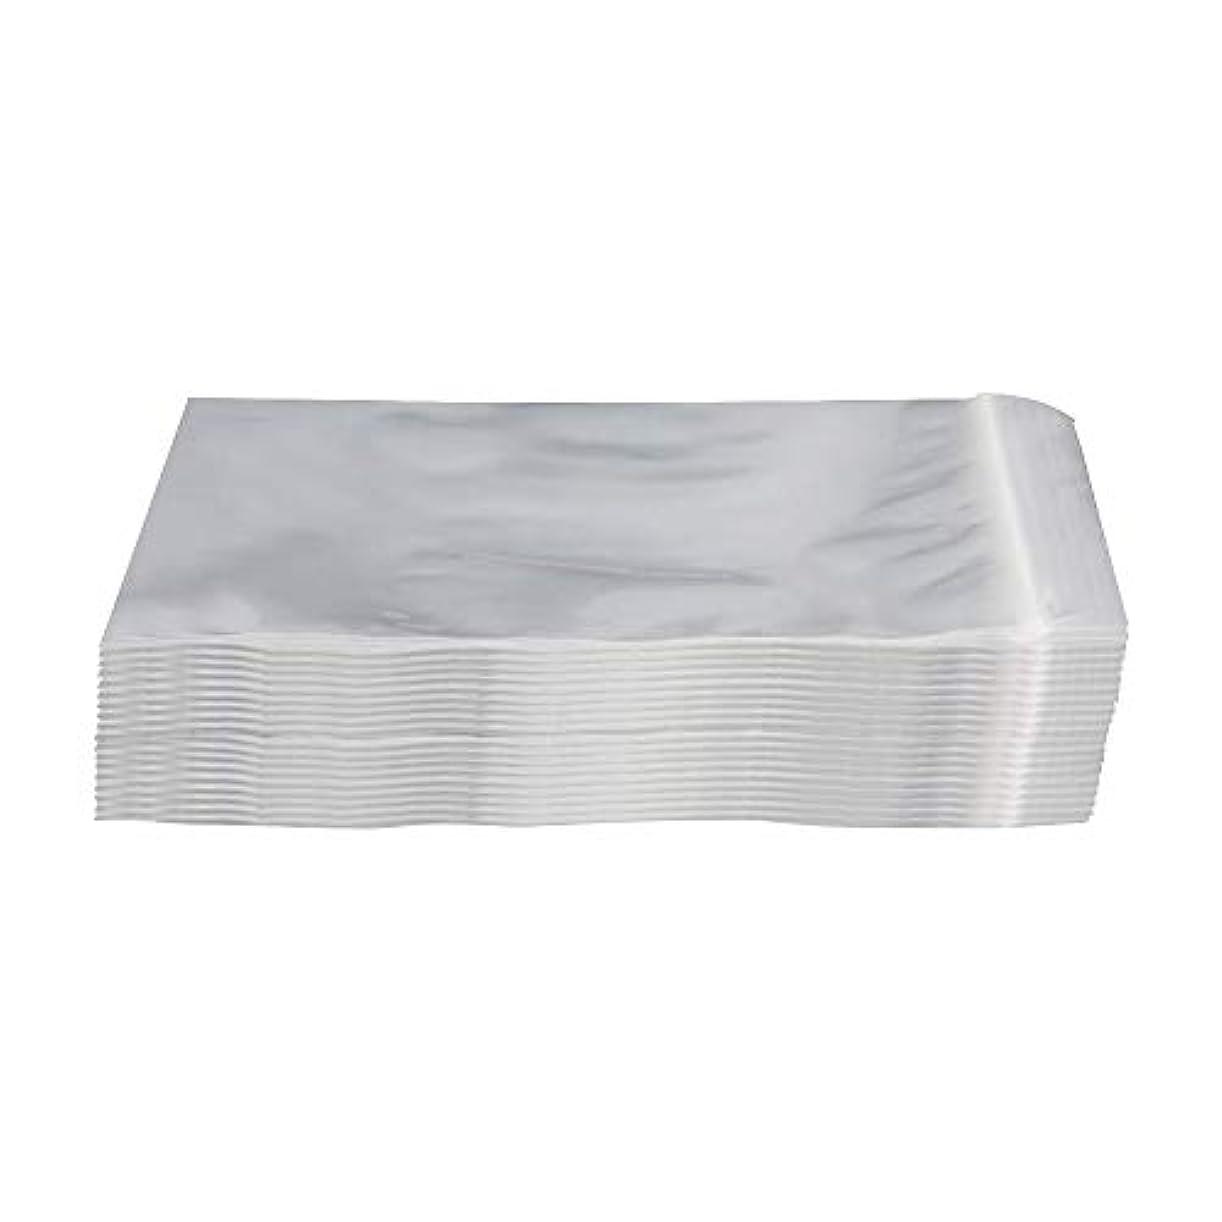 時代まっすぐにする刺繍200枚セット 保存用ポリ袋 小分け袋 小わざ袋チャック付きポリ袋